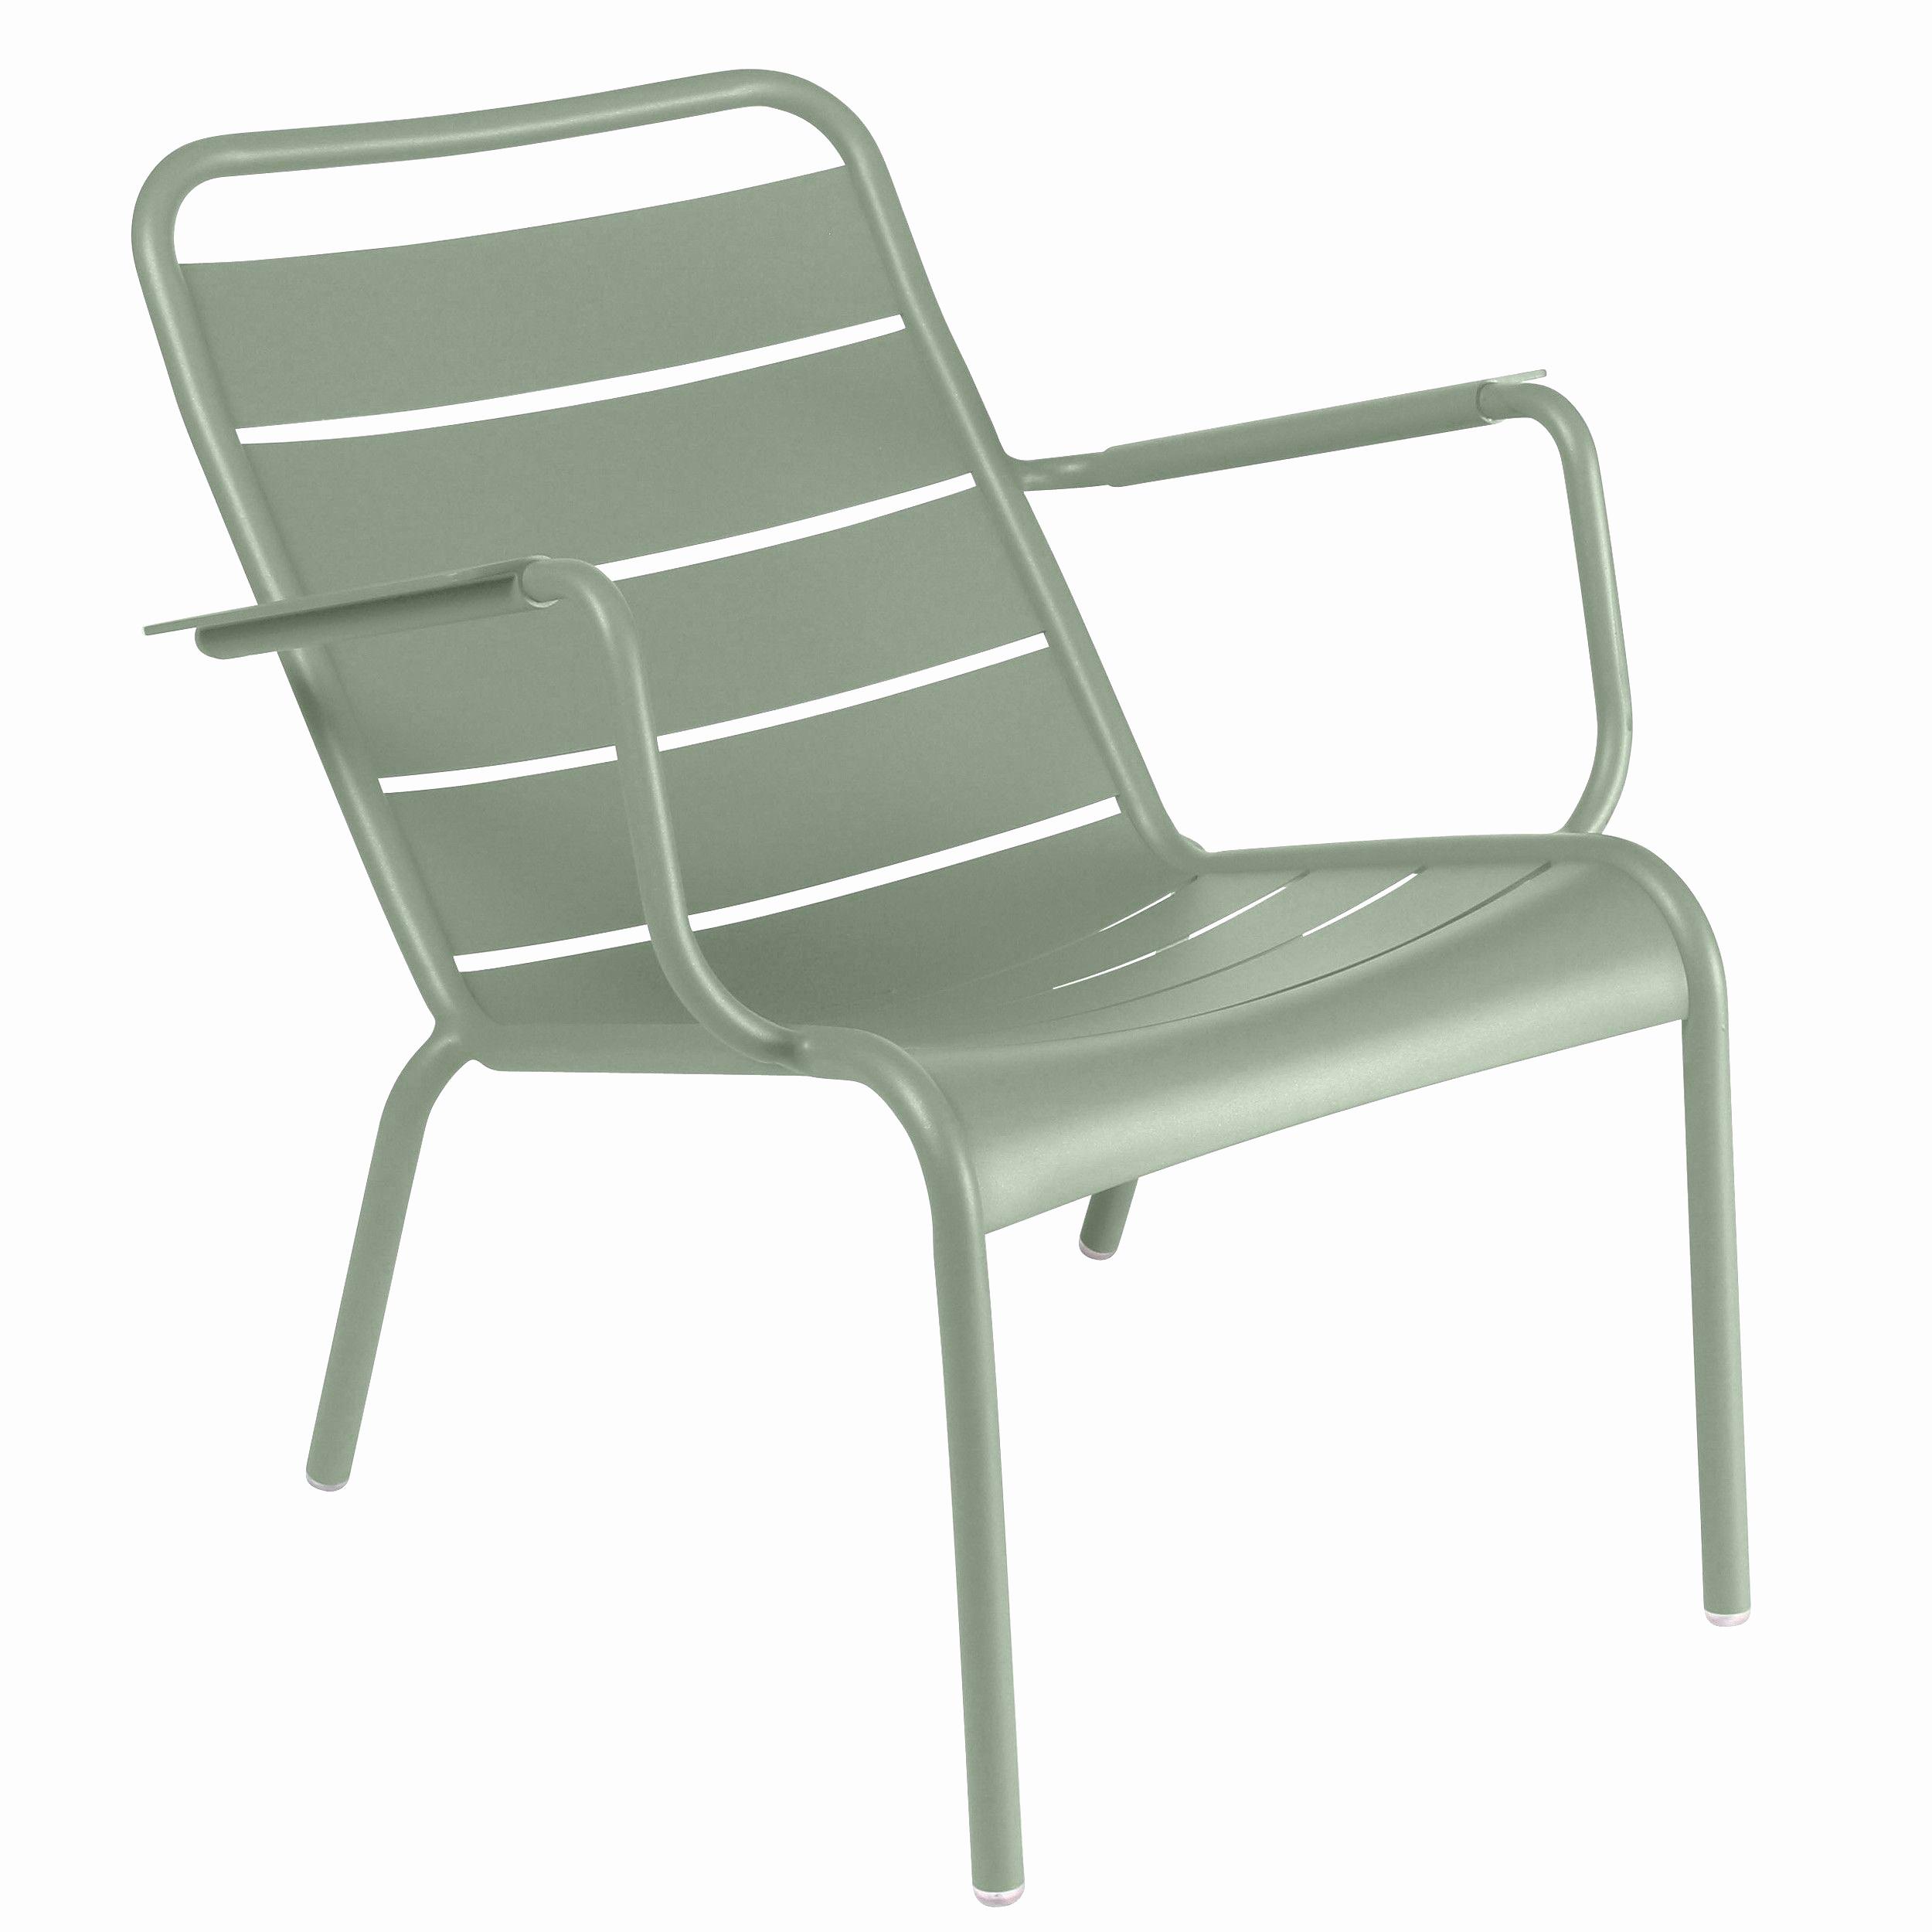 Coussin Chaise Ikea Unique Fauteuil De Jardin Ikea Beautiful ... serapportantà Chaises De Jardin Ikea